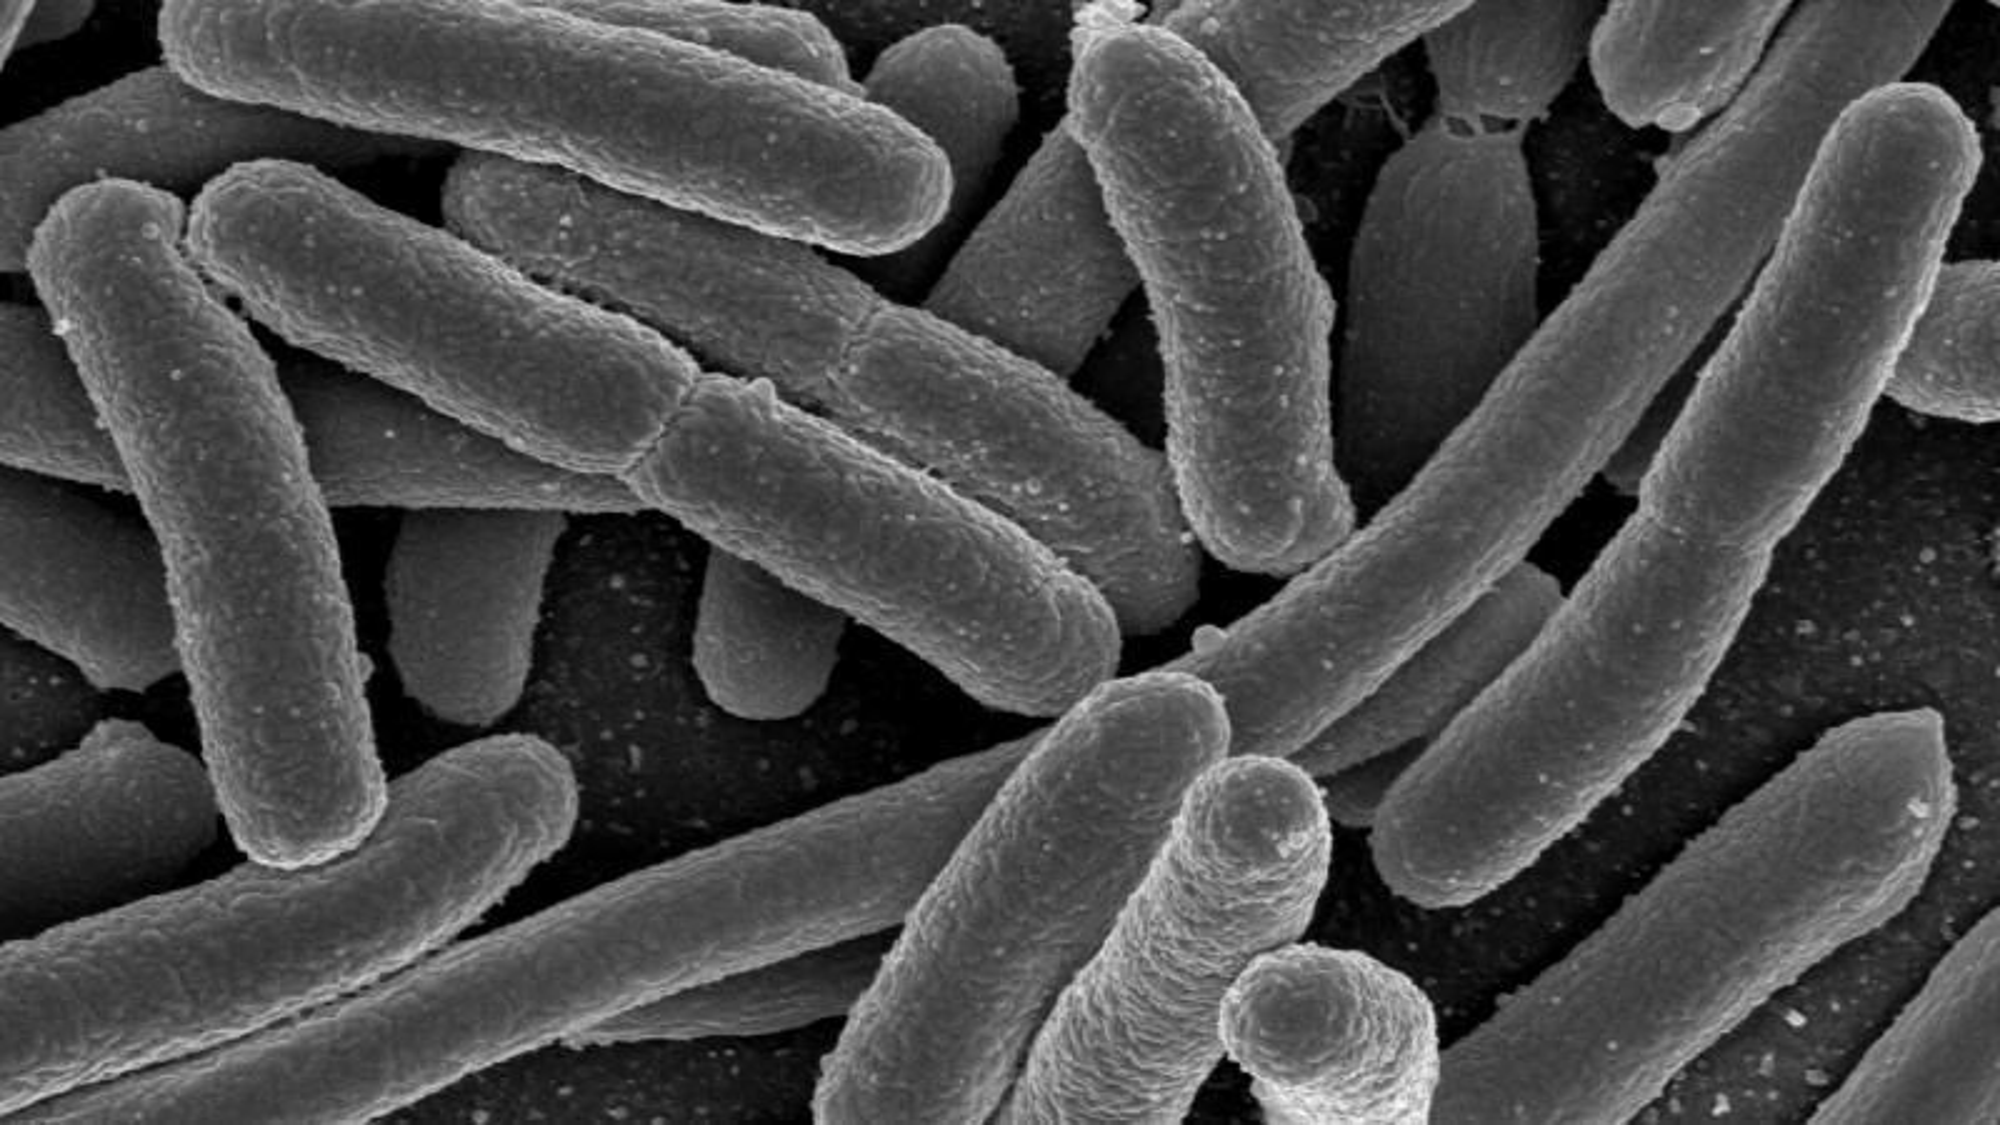 En forskergruppe fra Cambridge har skapt en kunstig versjon av e. coli-bakterien.